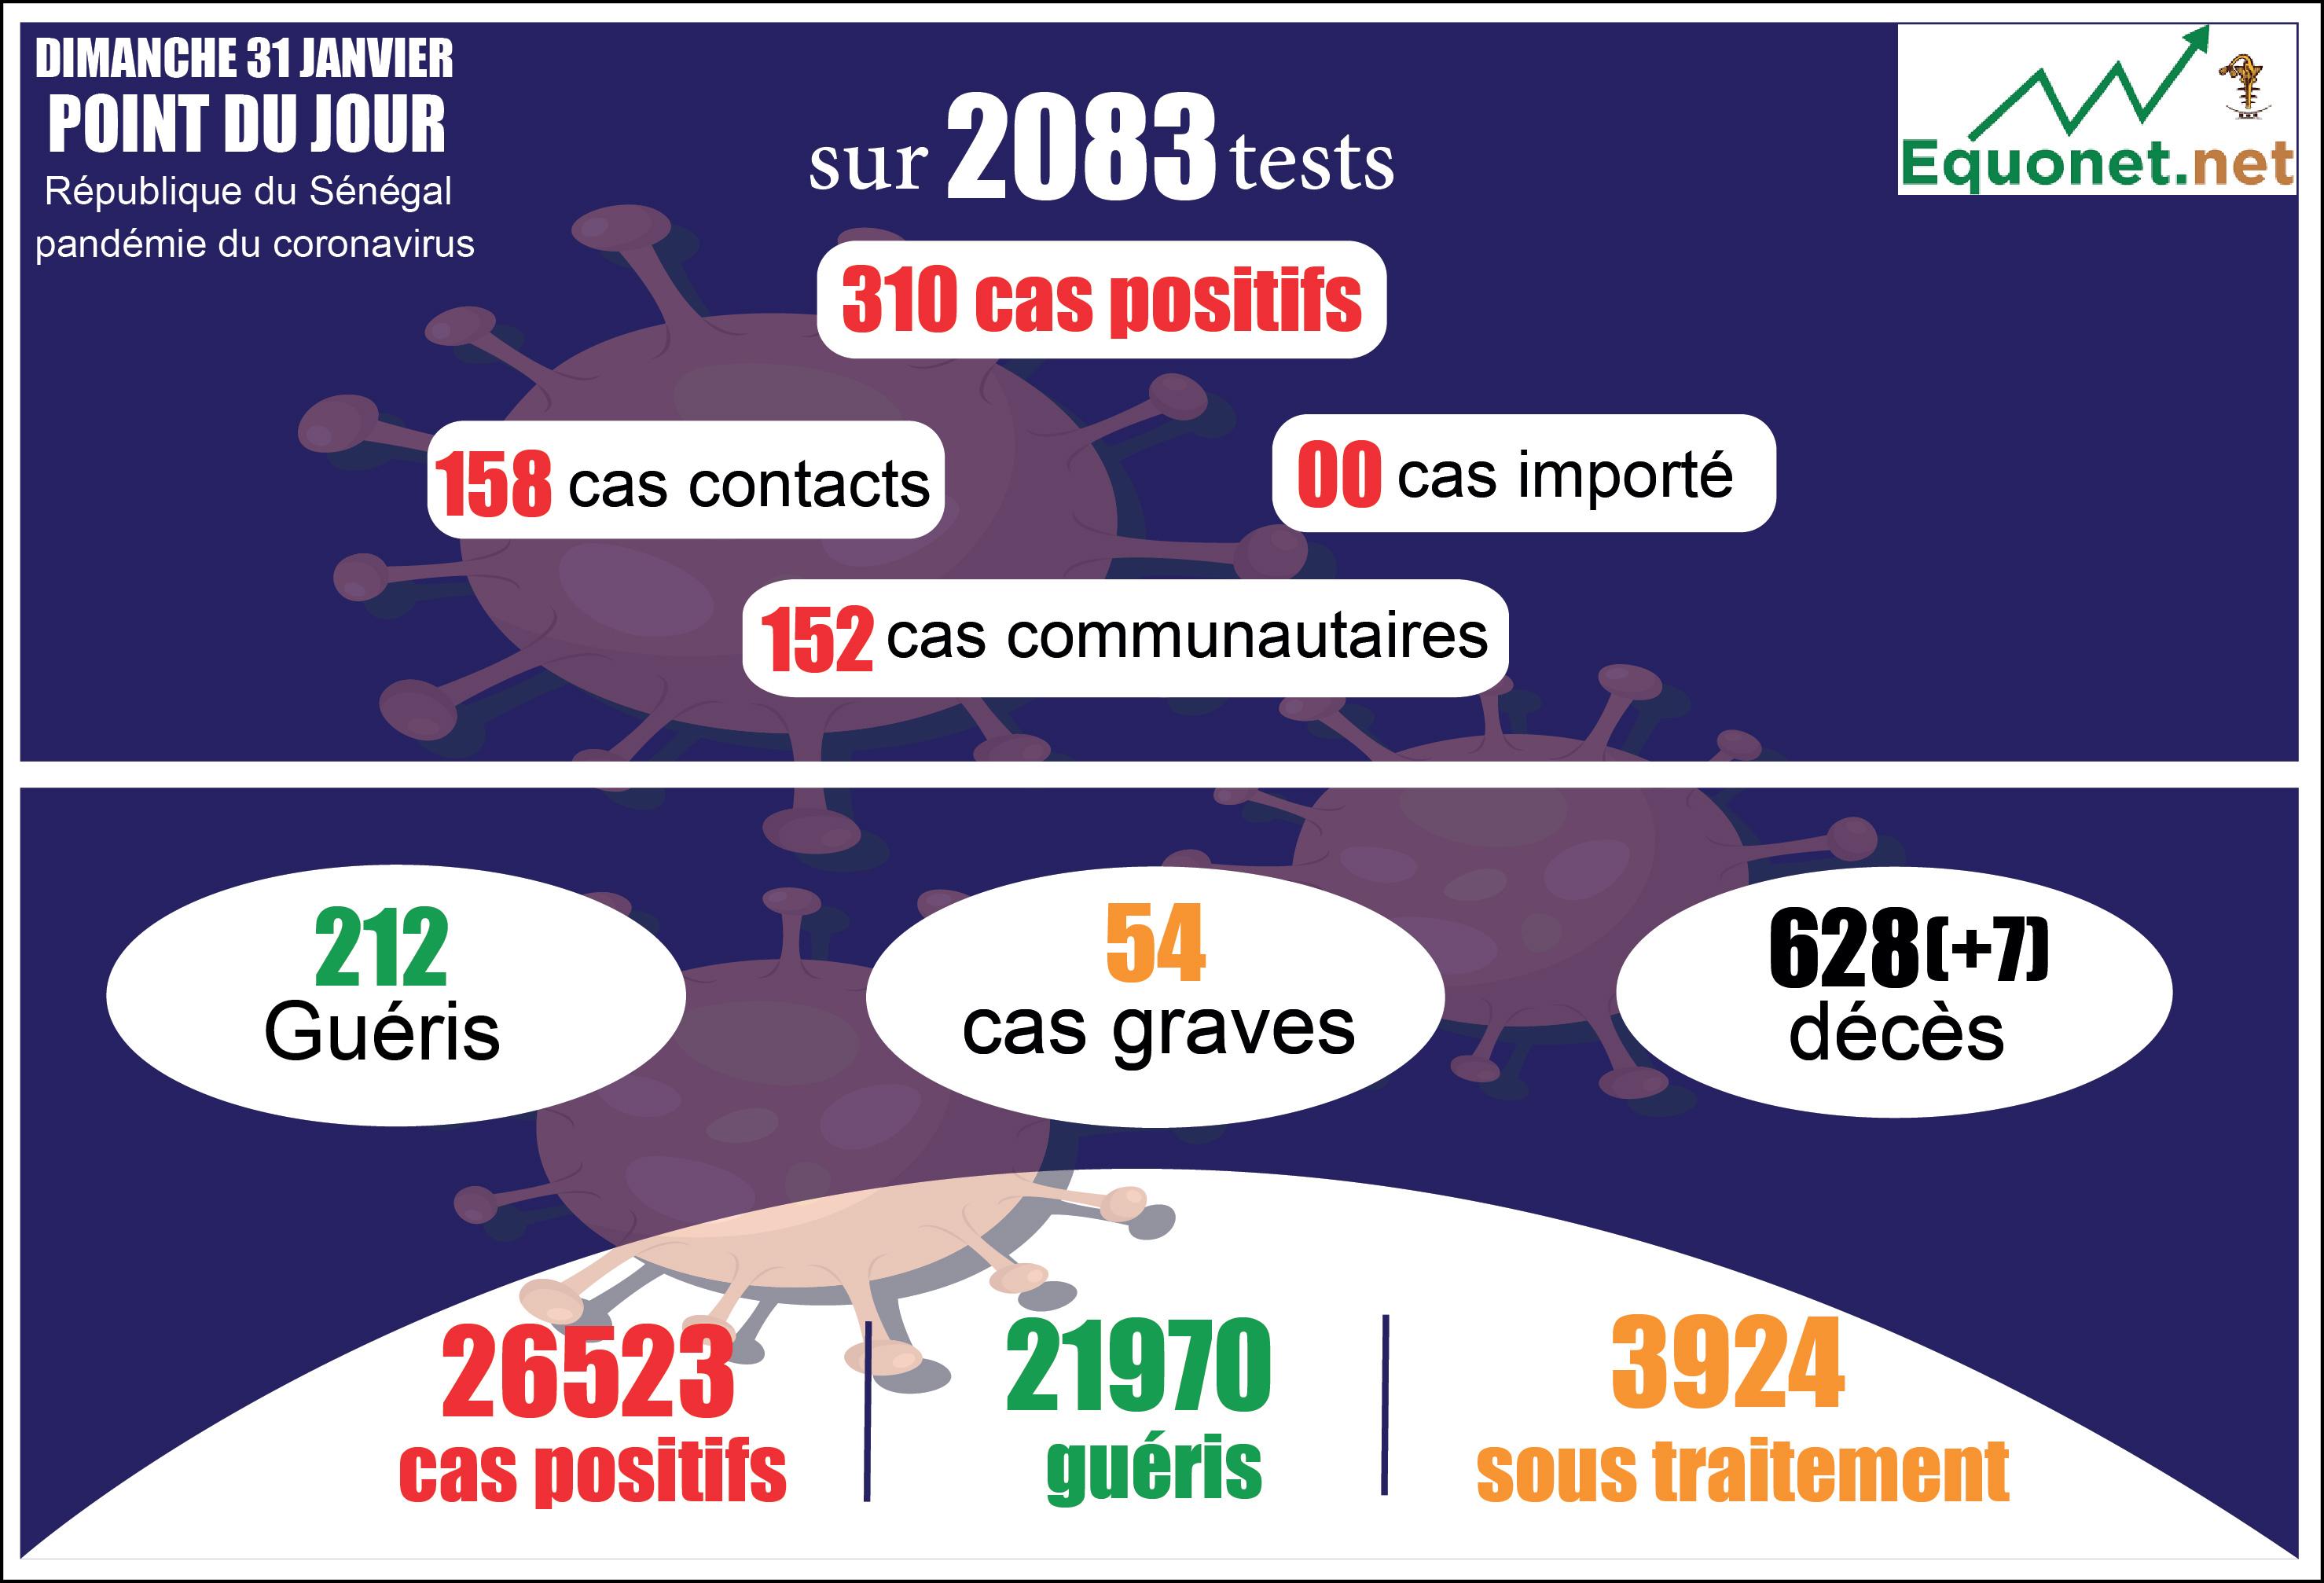 pandémie du coronavirus-covid-19 au sénégal : 152 cas communautaires et 7 décès enregistrés ce dimanche 31 janvier 2021